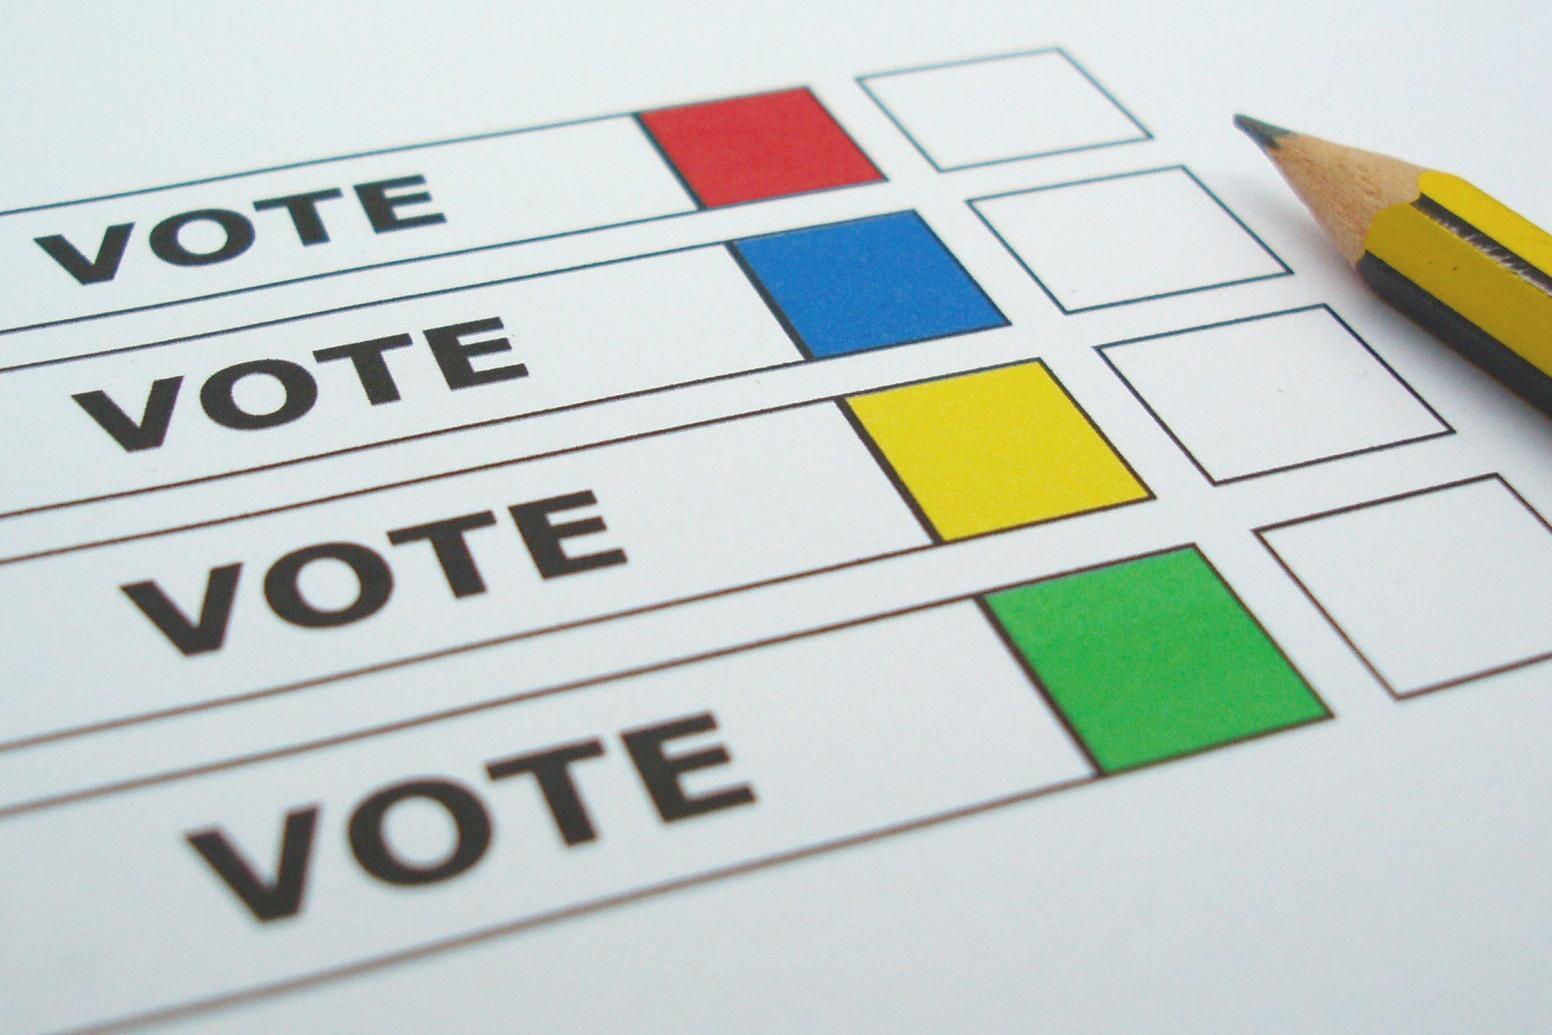 http://1.bp.blogspot.com/_bZ2sfKHC_uM/S9fy_OS75sI/AAAAAAAAAyA/mFqOgePEavc/s1600/vote_ballot_paper.jpg